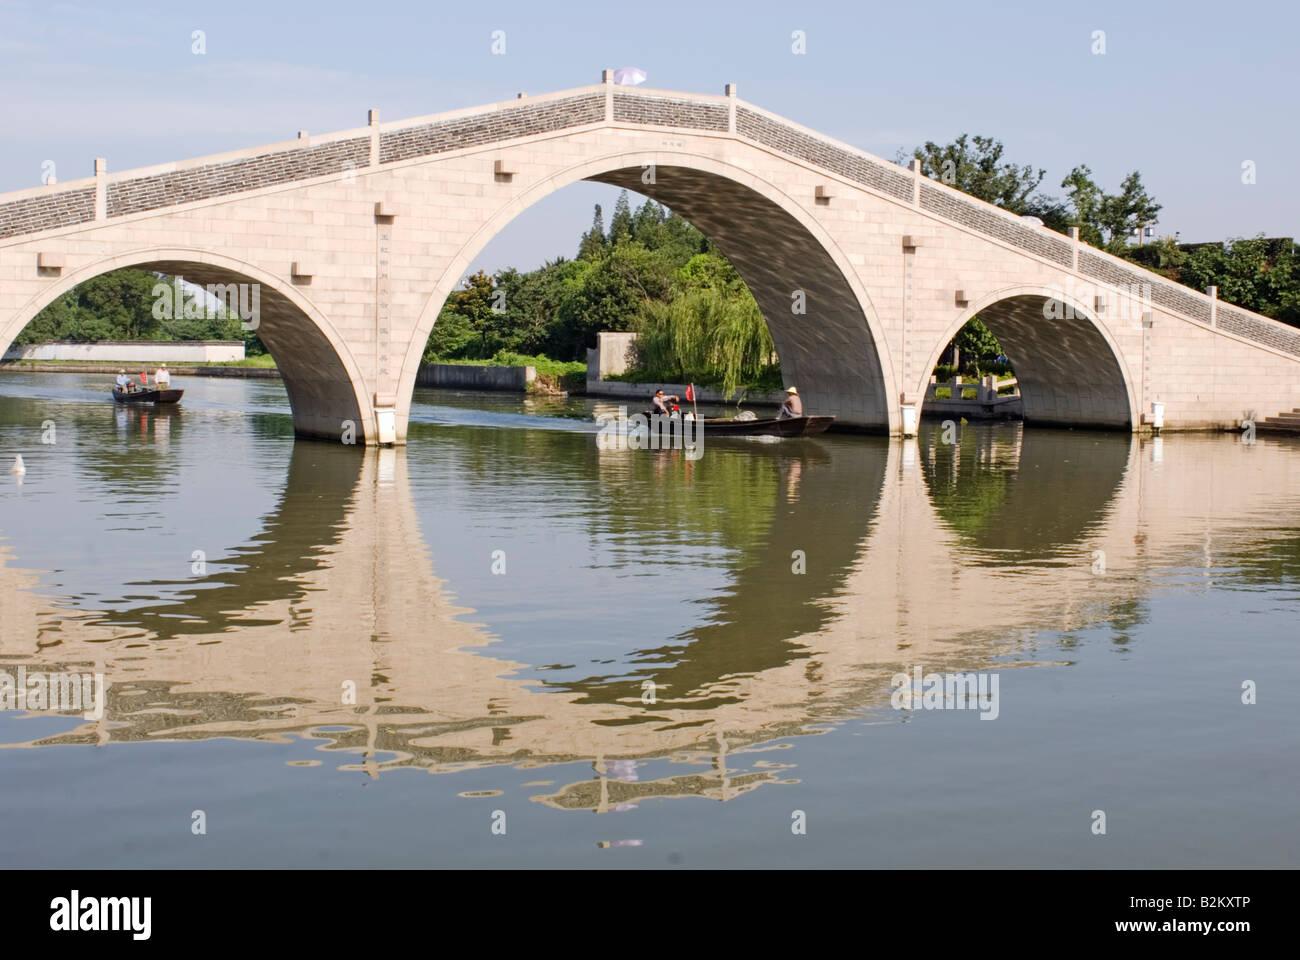 La Chine, Suzhou, pont de pierre sur le Grand Canal Banque D'Images